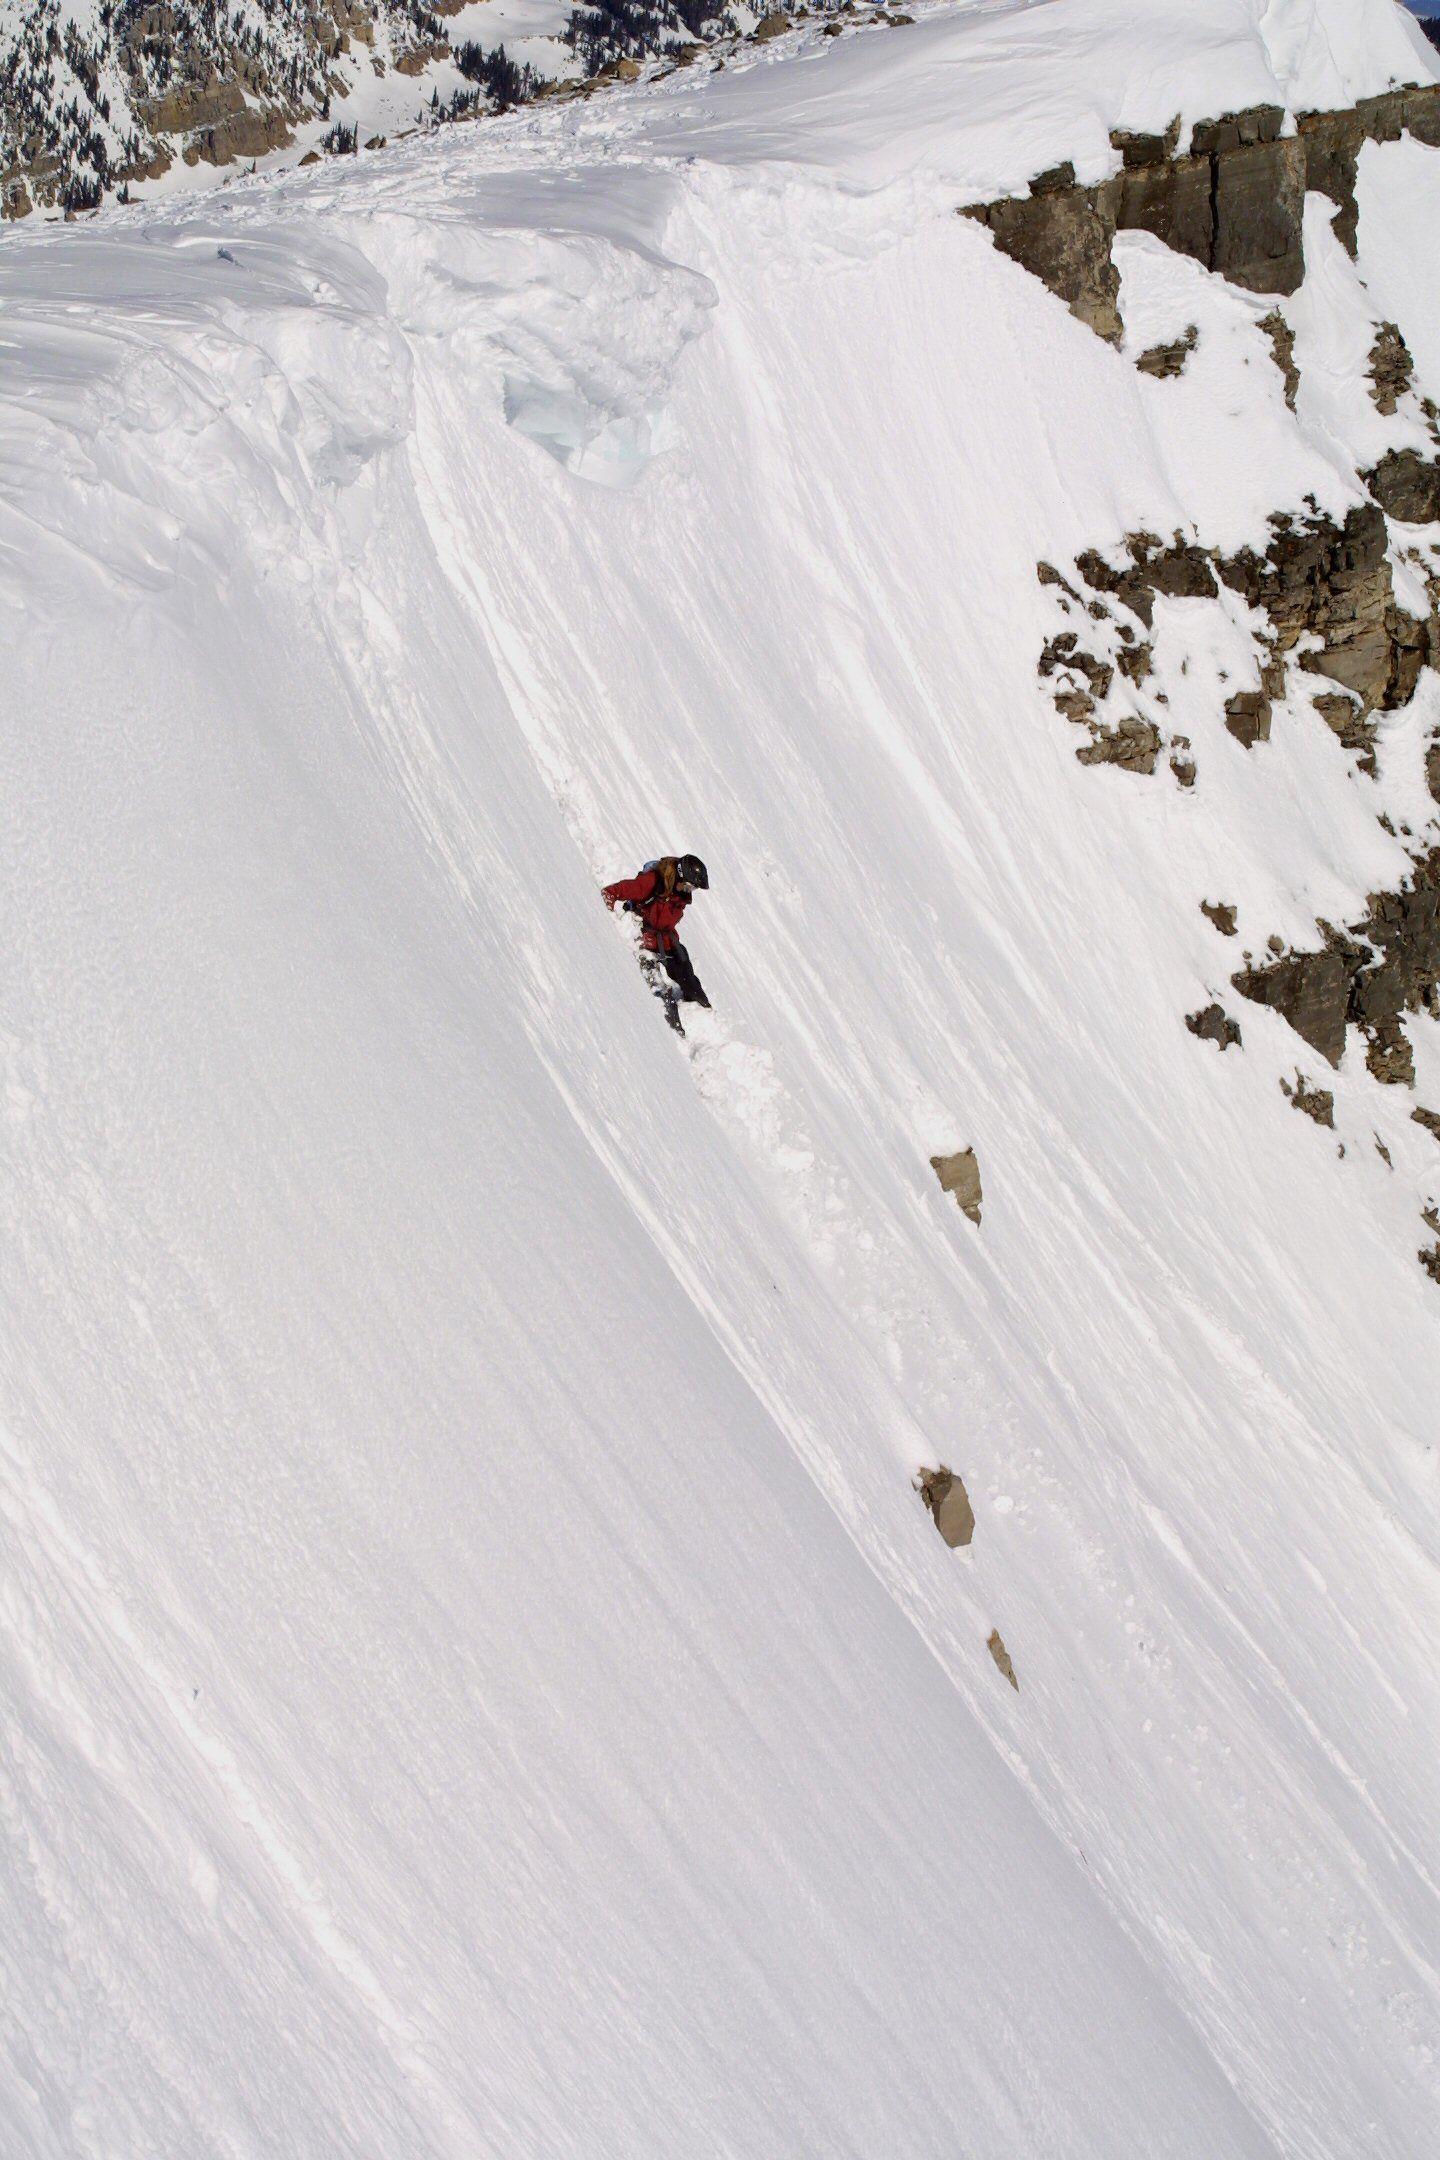 Steep skiing at Cody Peak, Jackson Hole